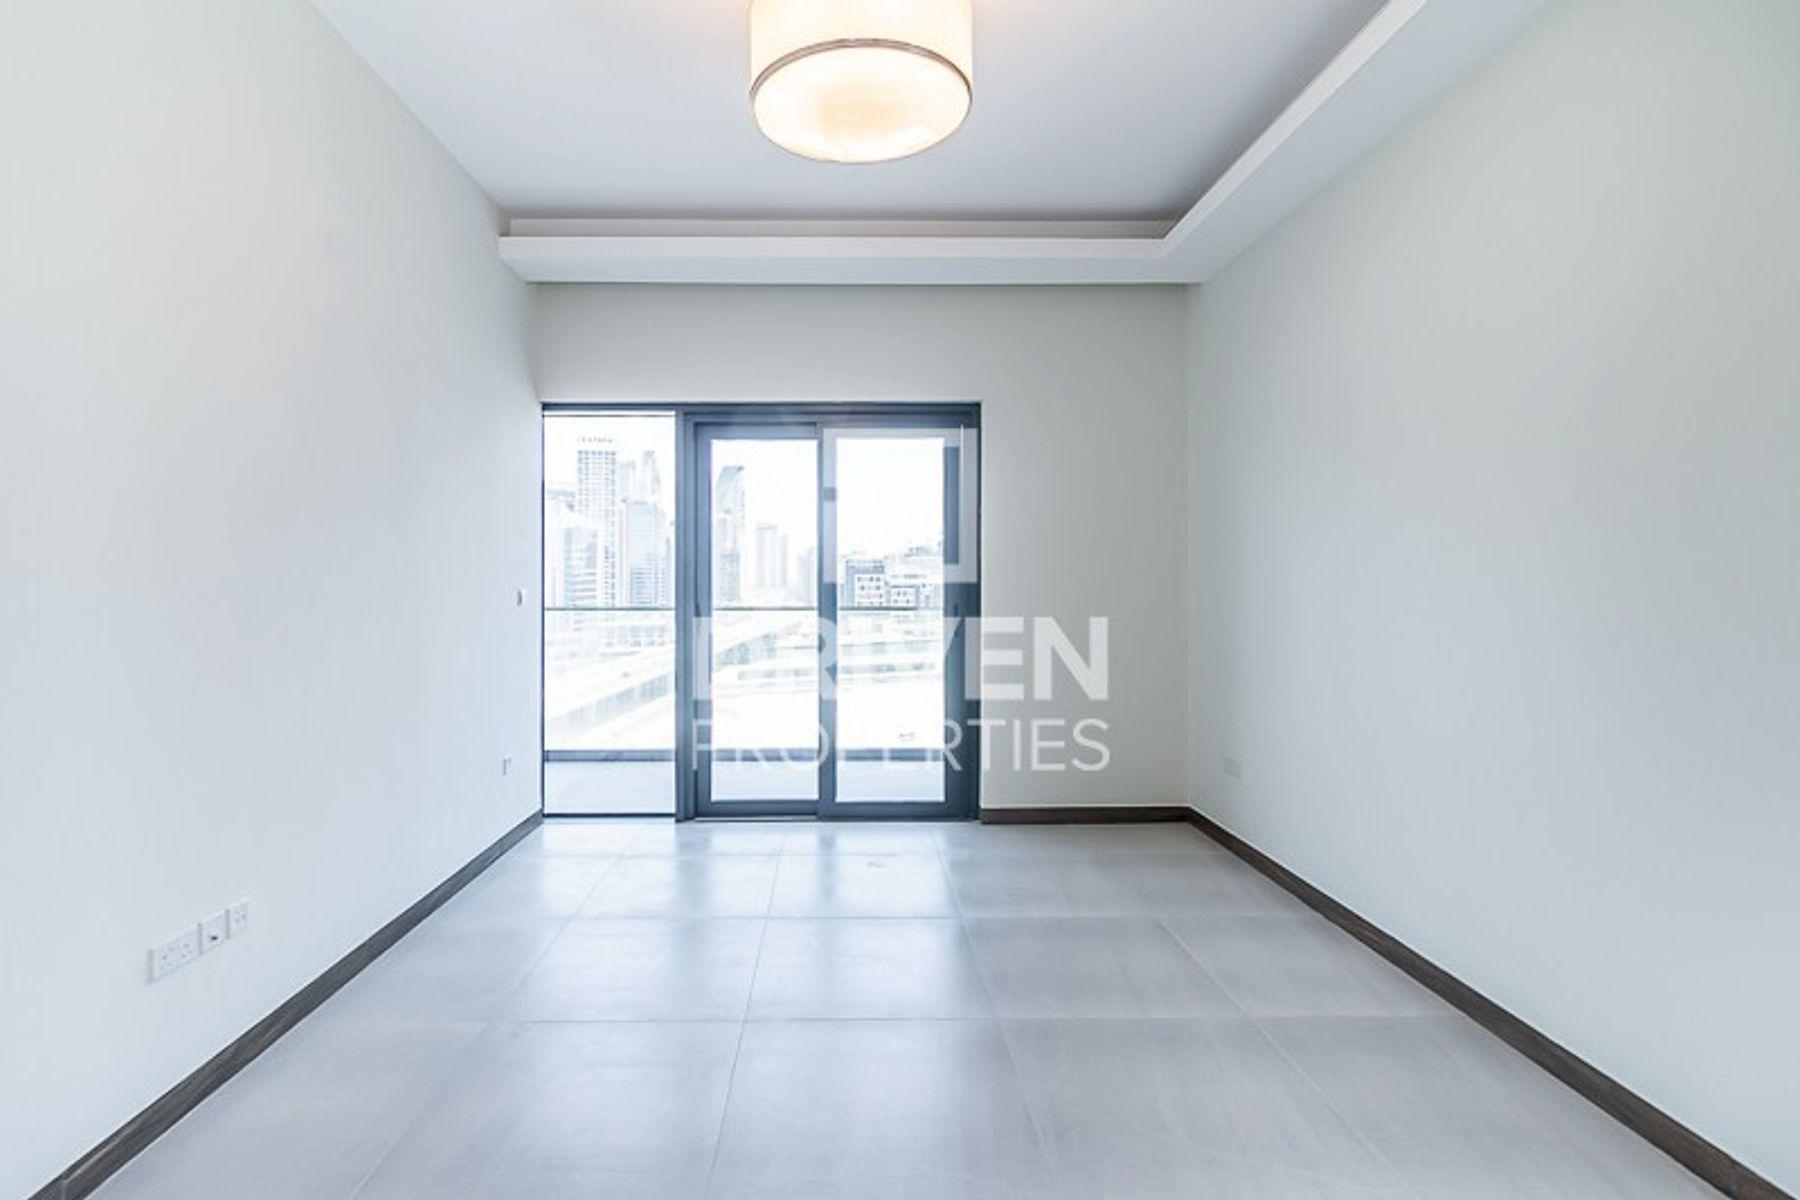 826 قدم مربع  شقة - للايجار - الخليج التجاري